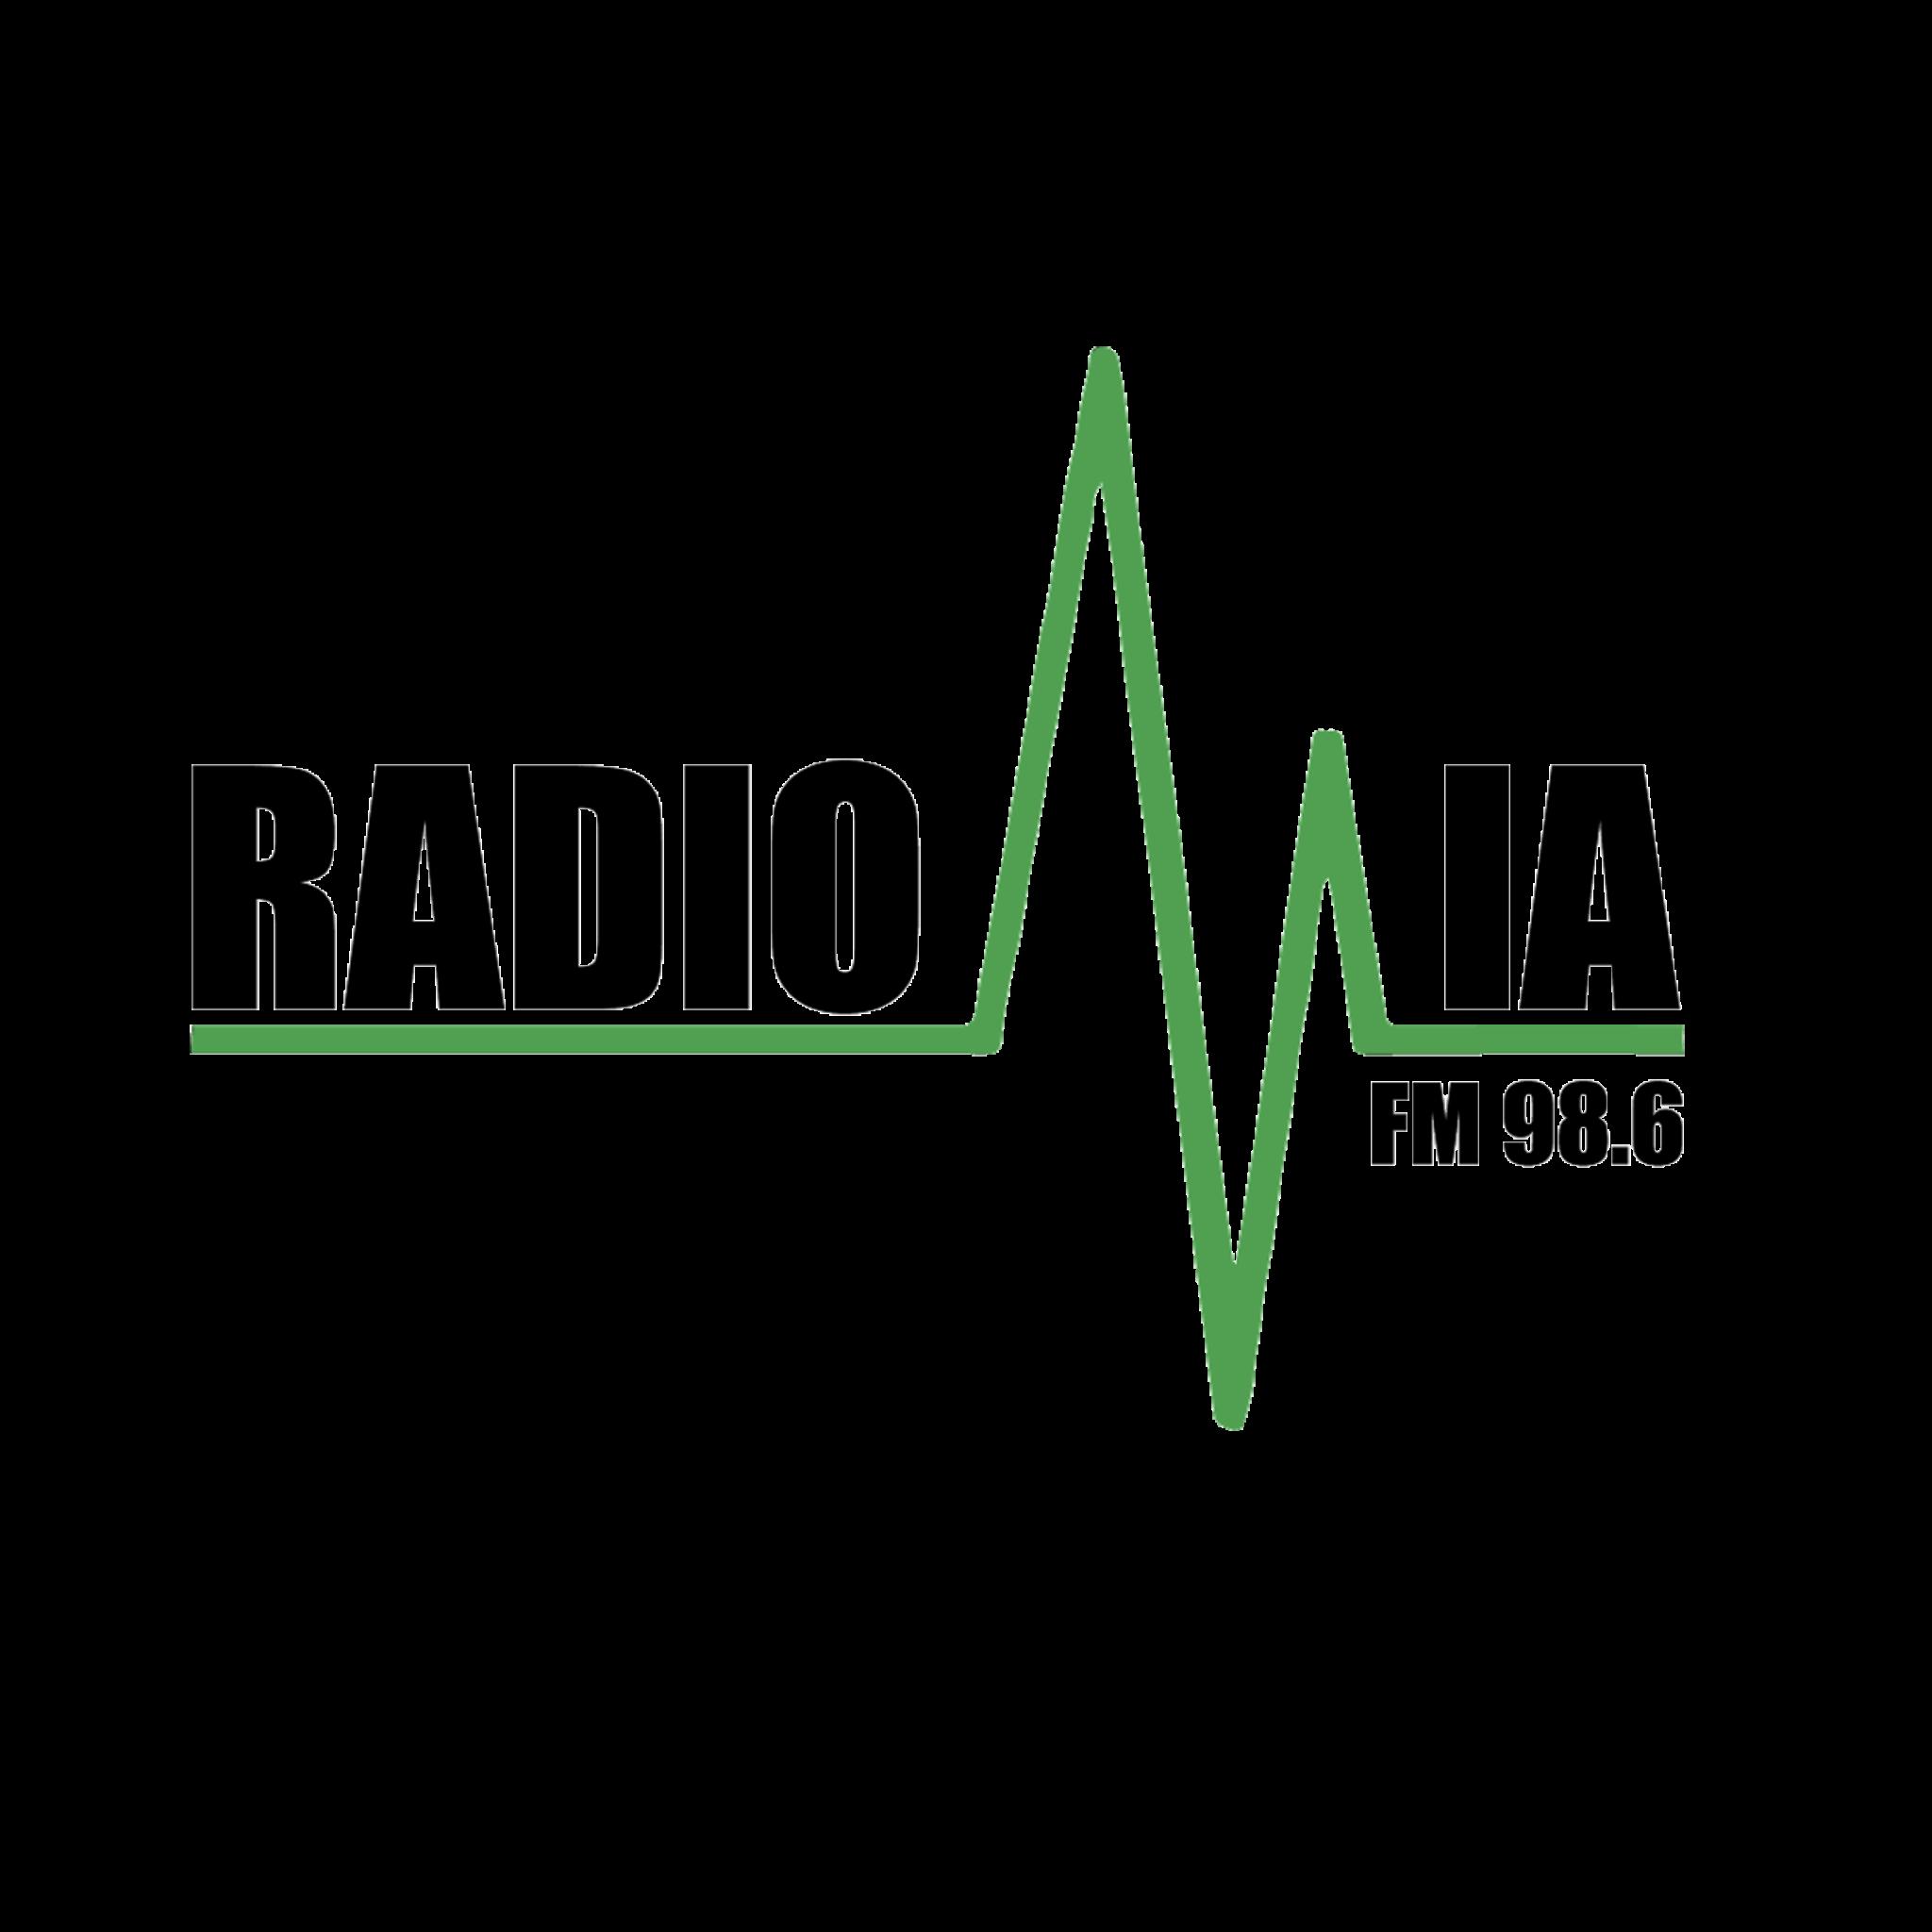 Agenzia Comunicazione e Digital Marketing Palermo